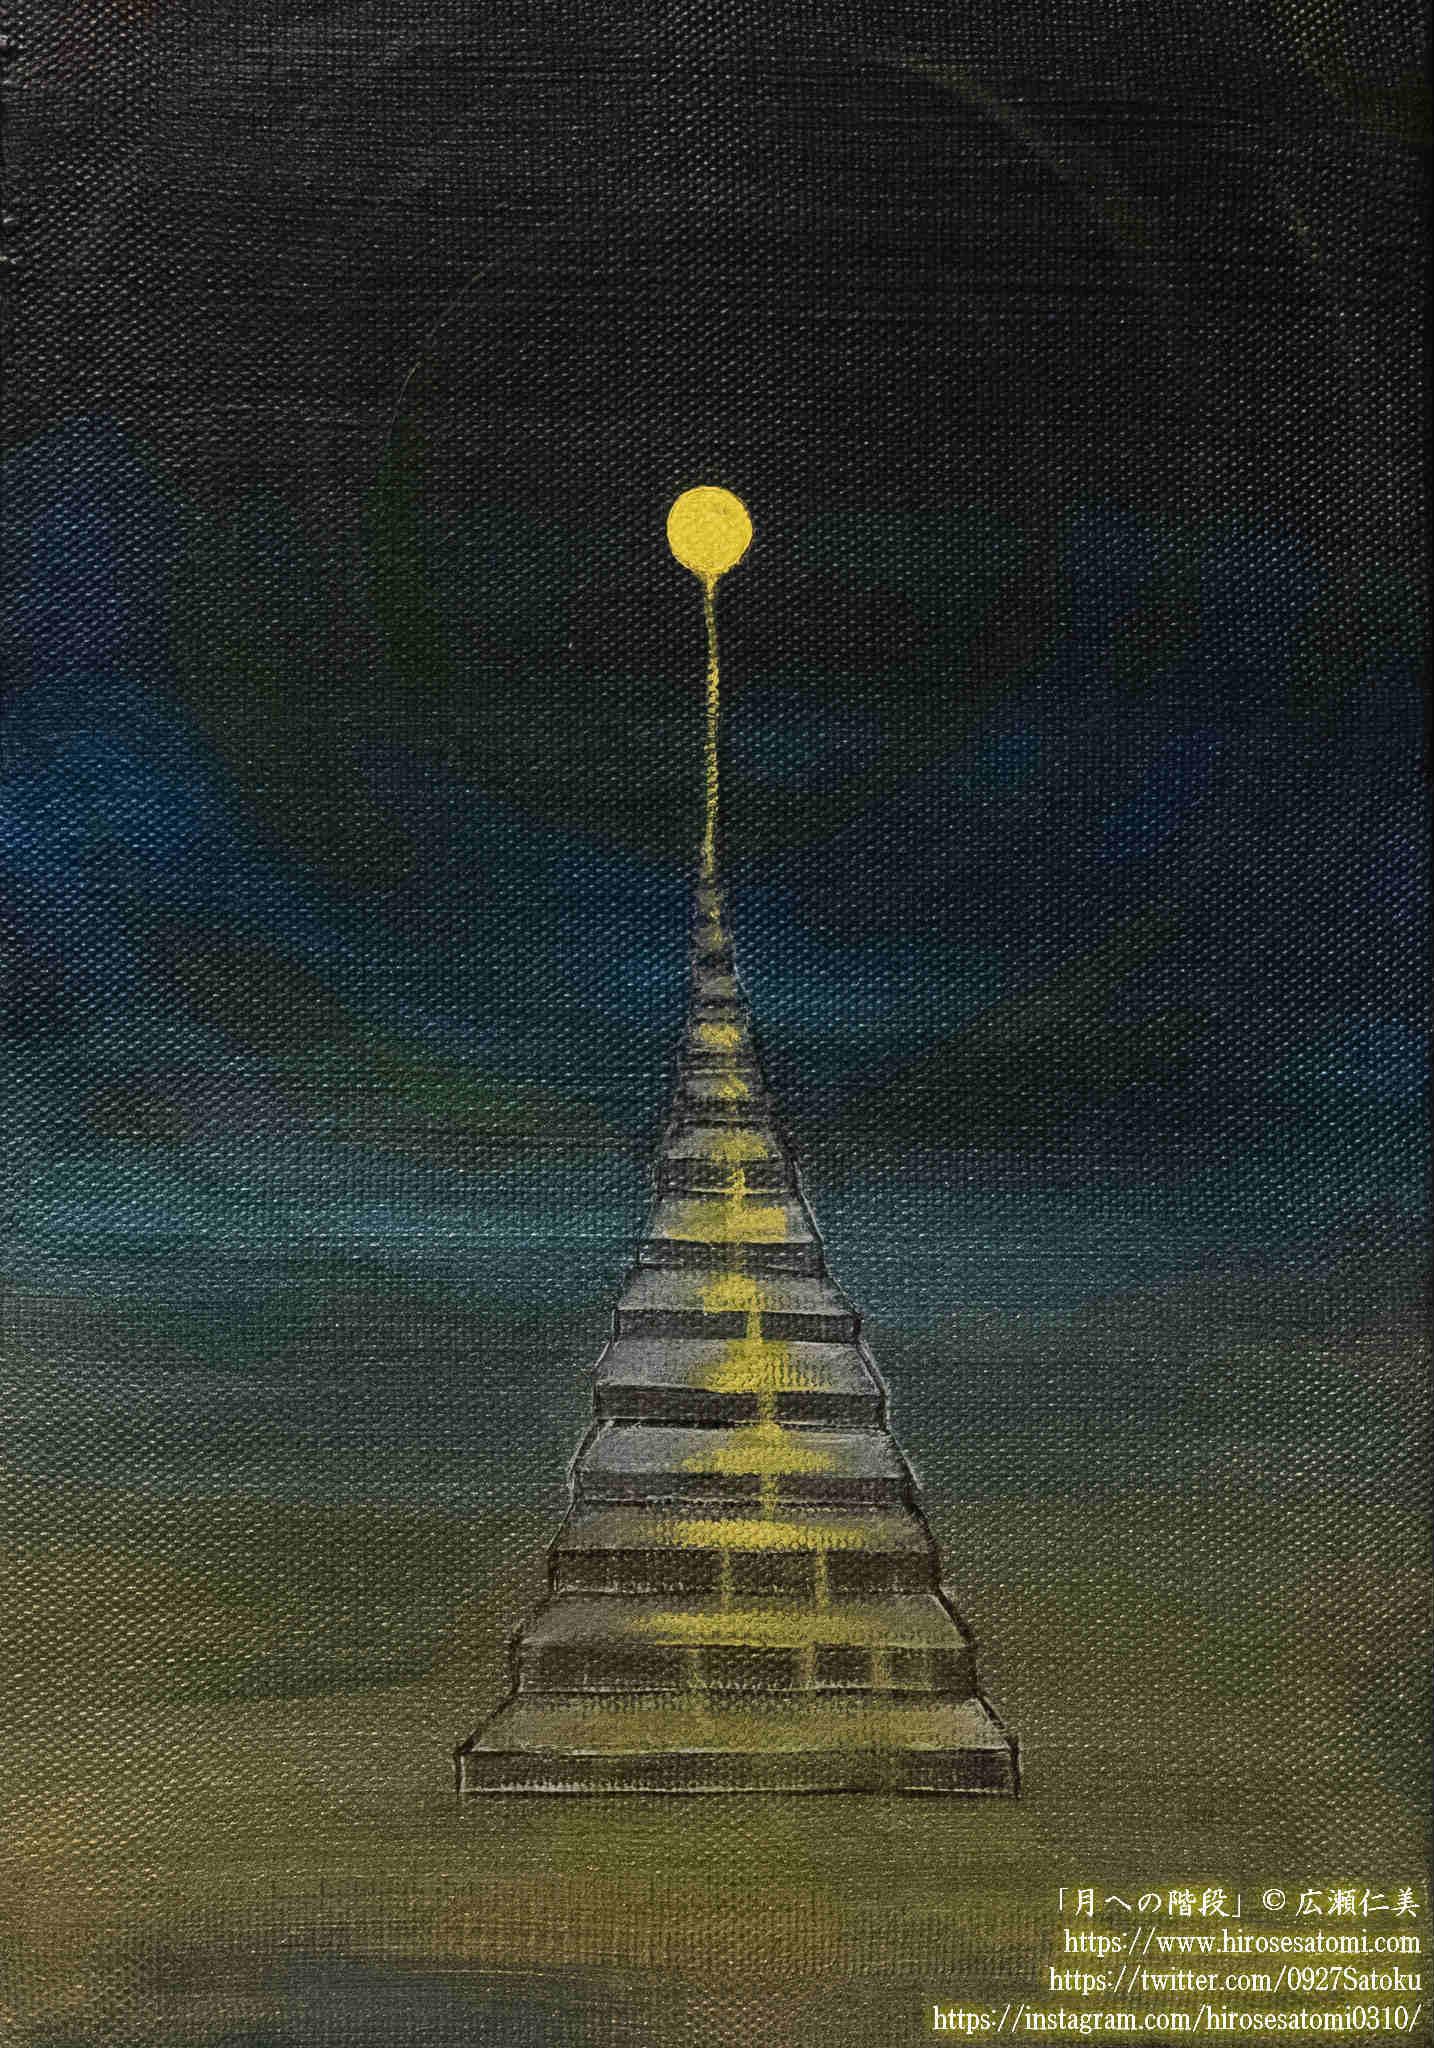 『 月への階段 』